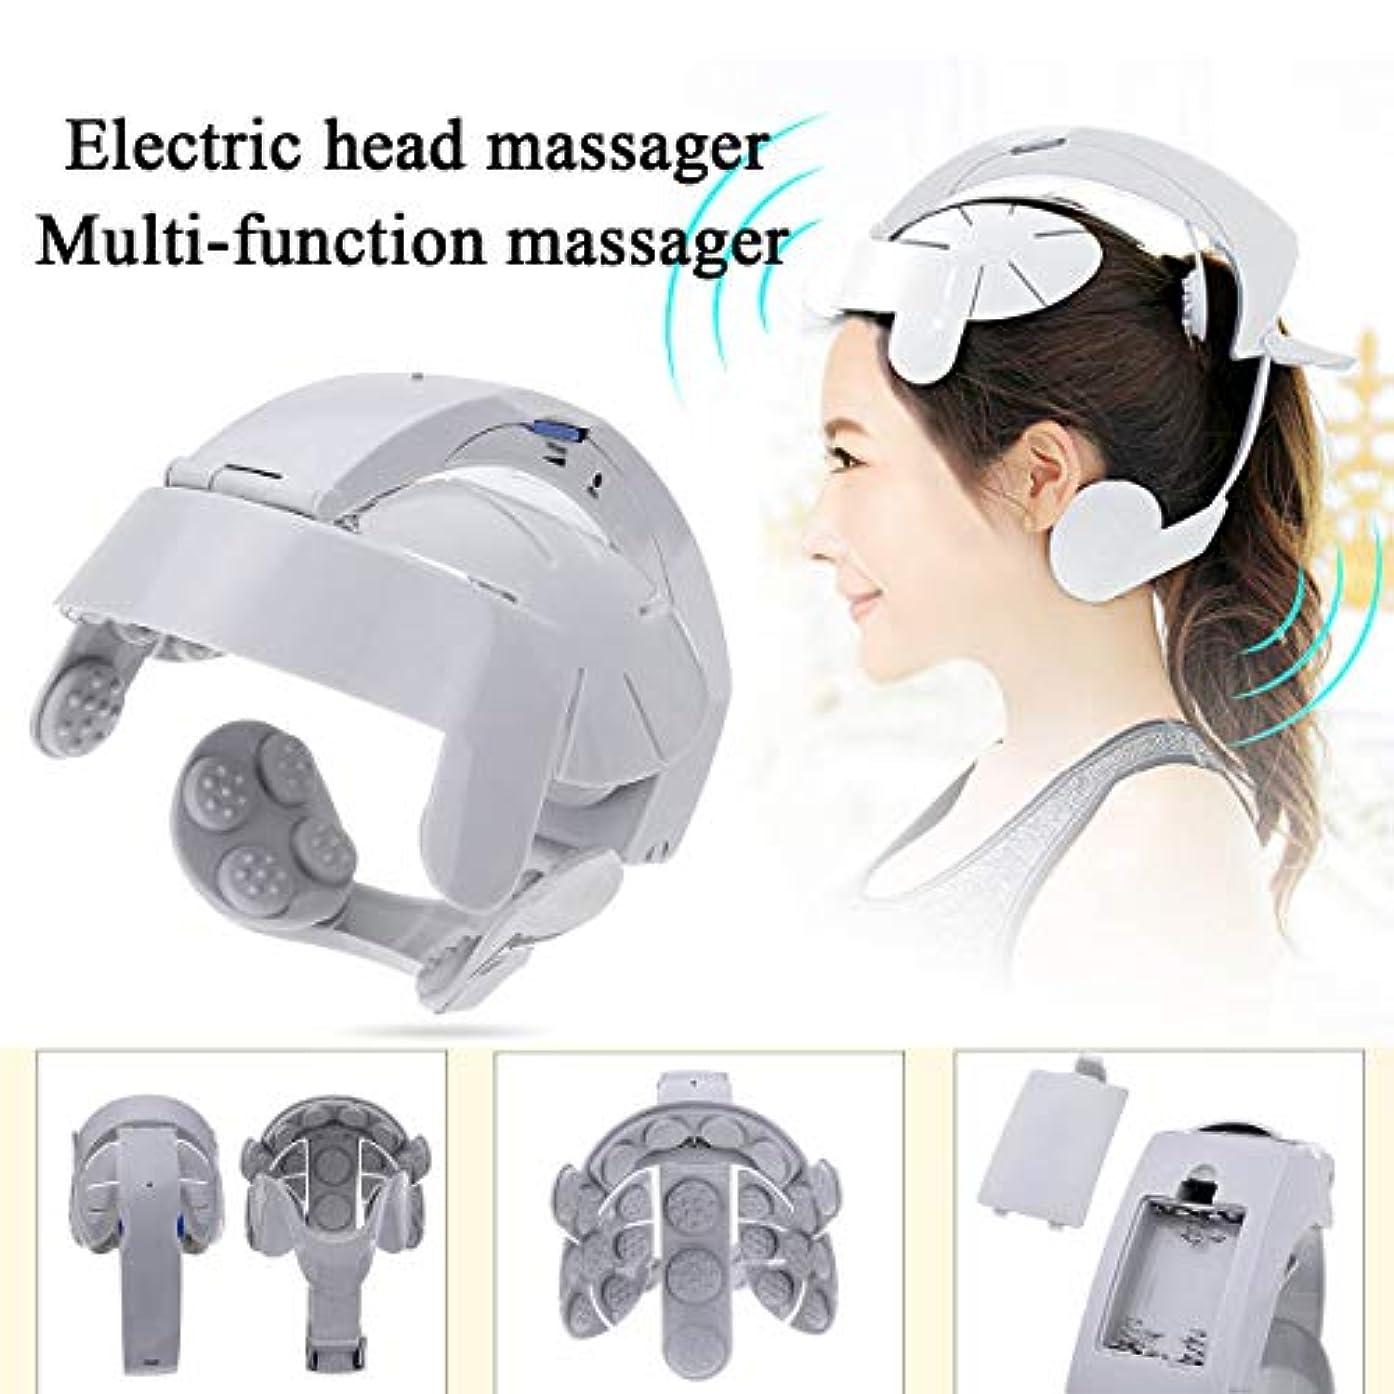 提供くヘルパー電気ヘッドマッサージの振動マッサージ簡単な脳マッサージ器ストレスリリーフとより良い睡眠経穴ストレス解放機